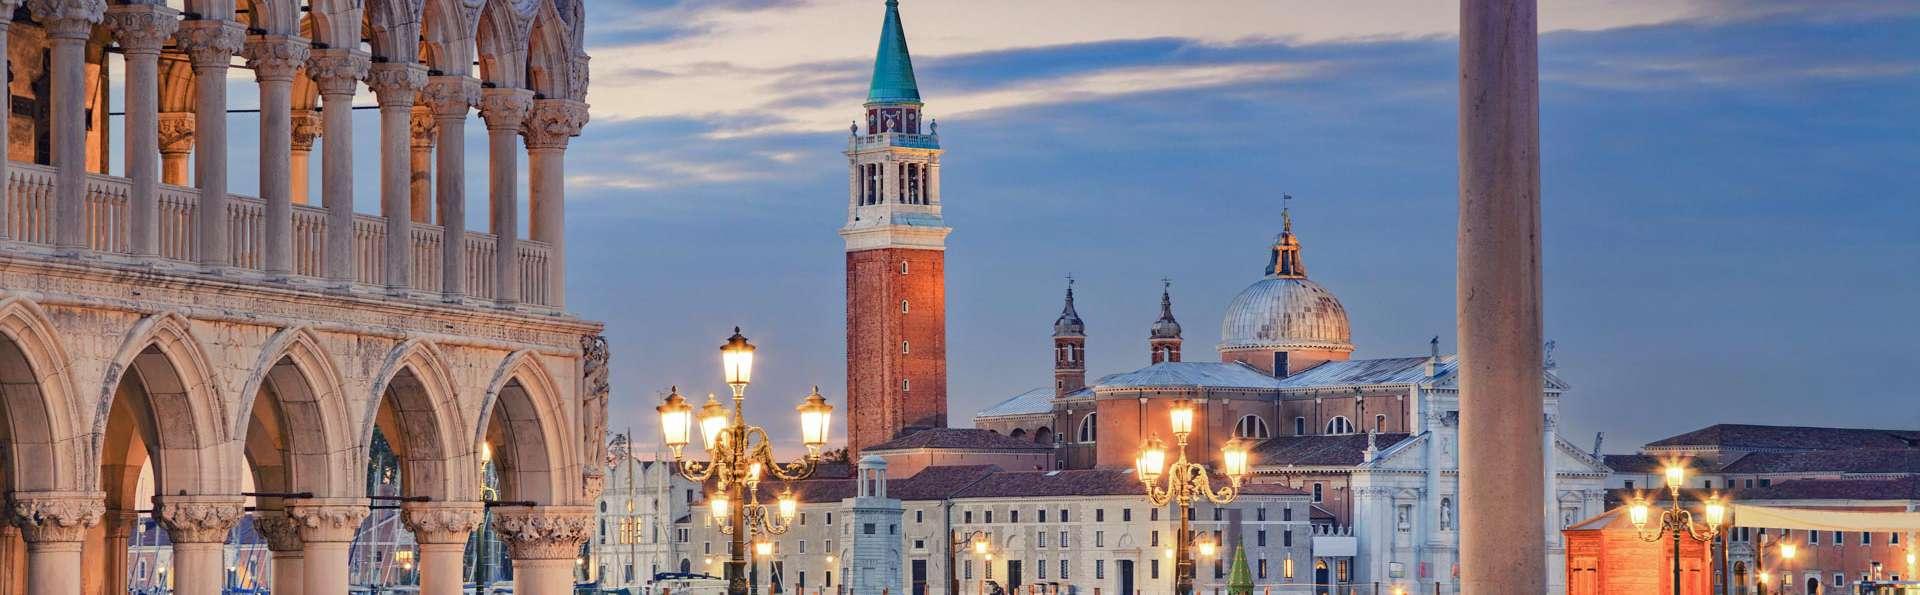 Sogno di Giulietta e Romeo - EDIT_VENECIA_27.jpg